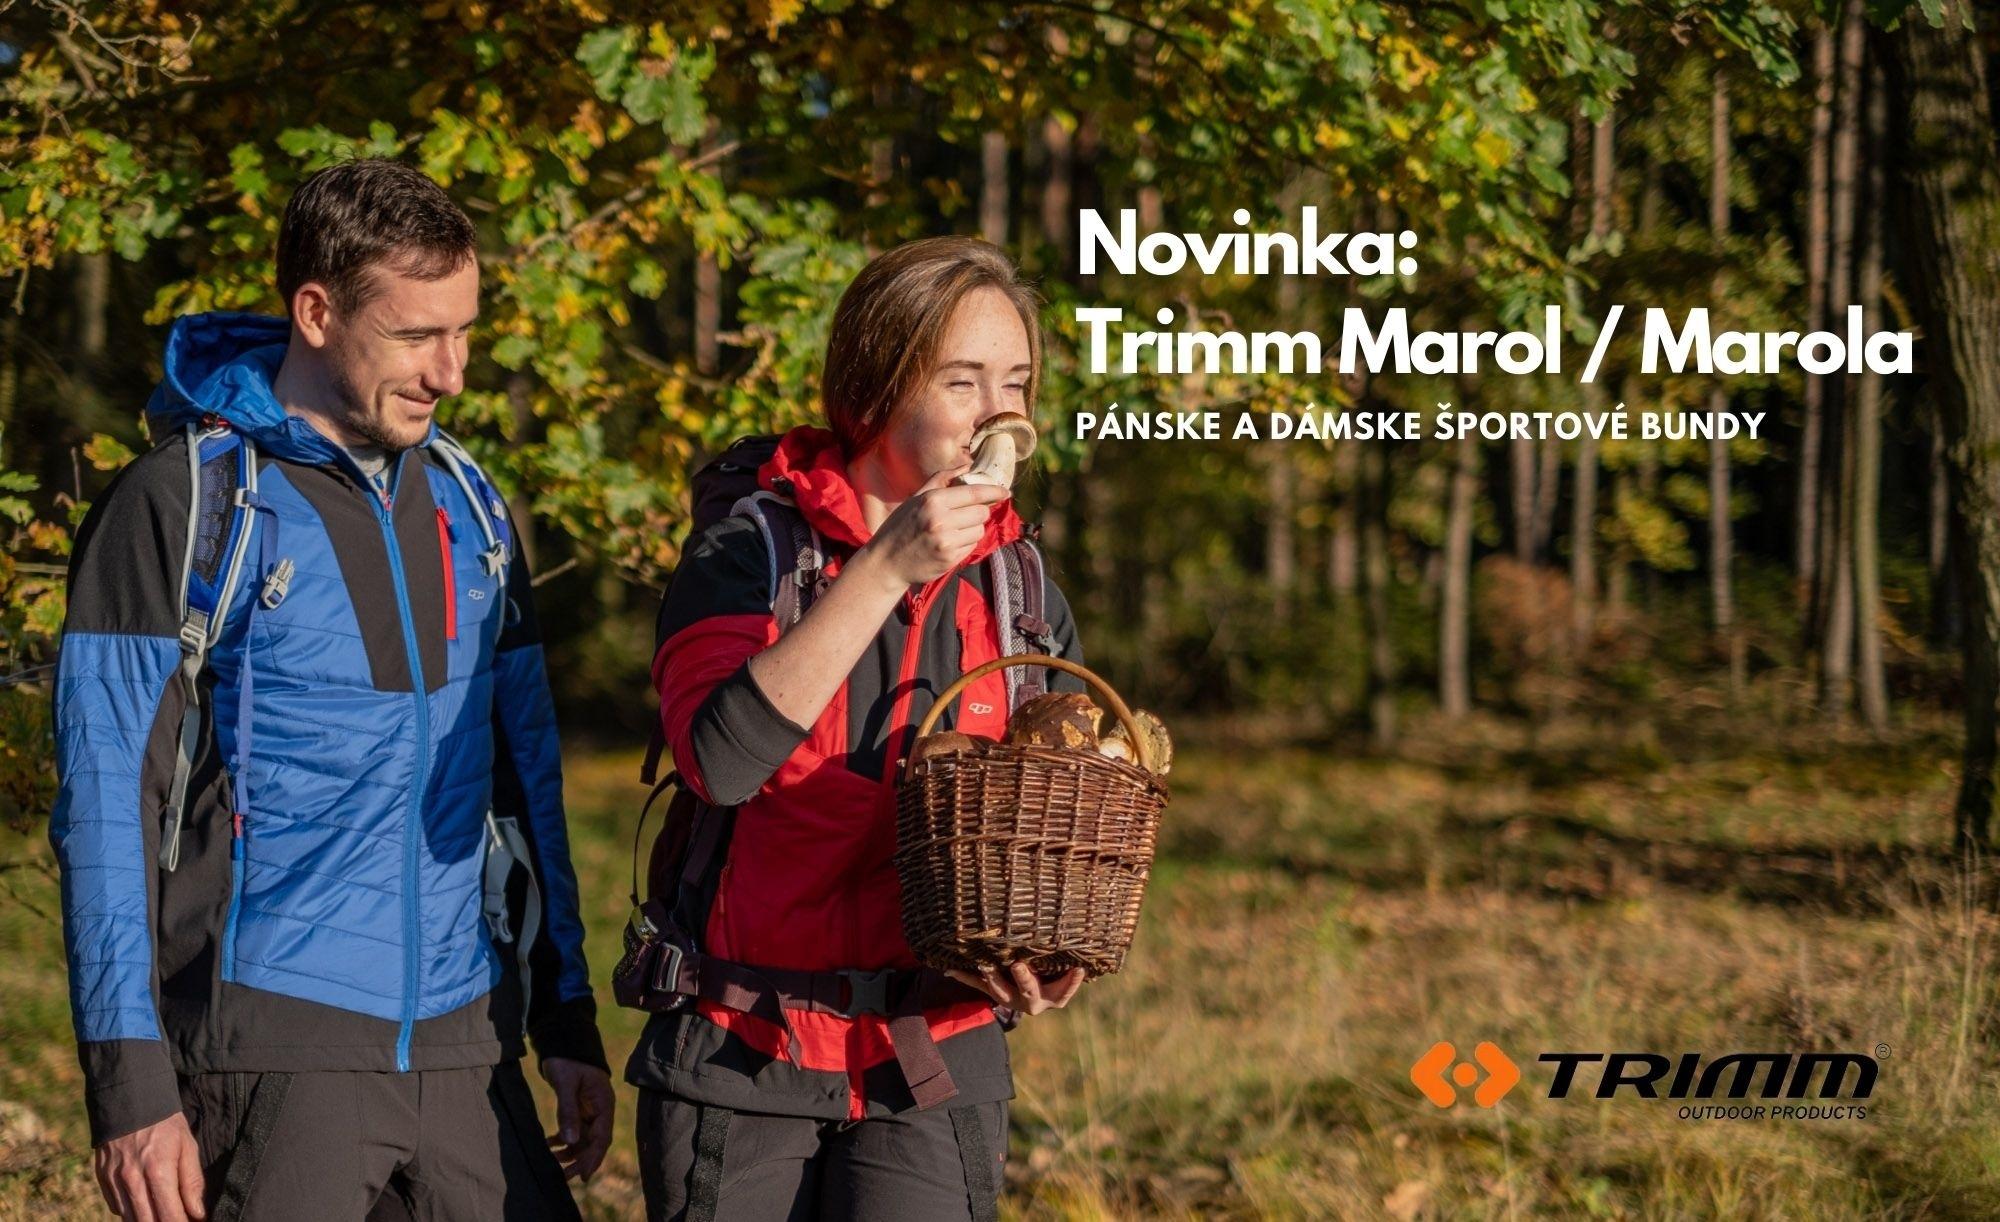 Trimm Marol / Marola. Extrémne priedušné, ľahké skialpové a touringové bundy vhodné aj pre iné športové aktivity.